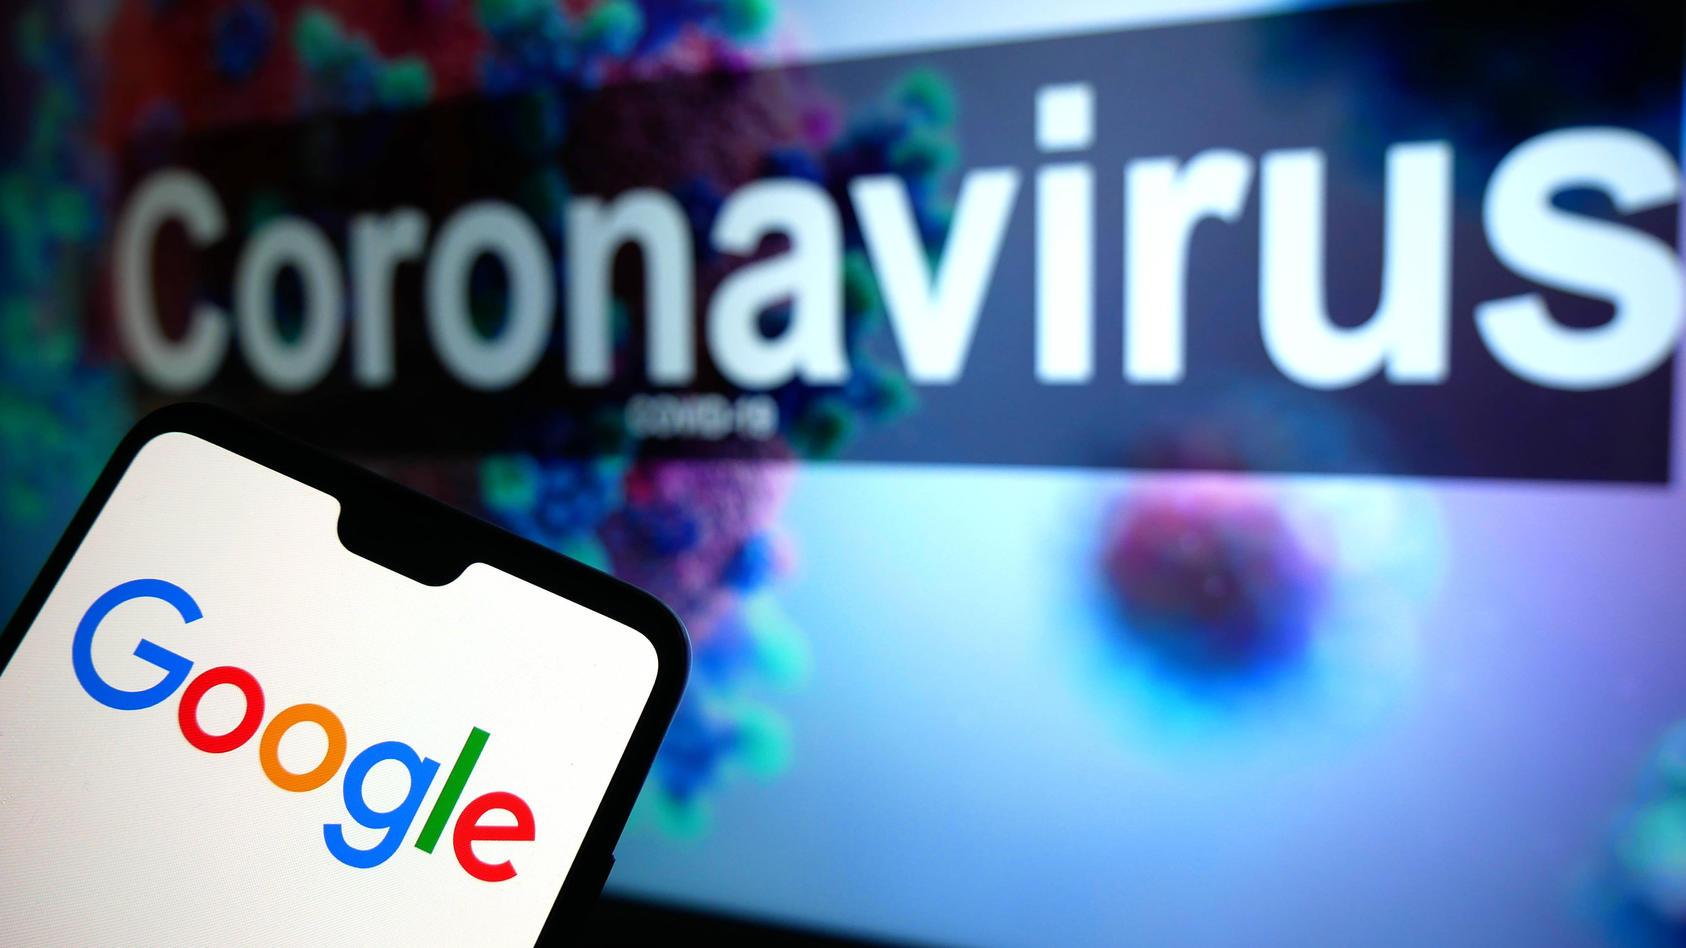 Per Google-Suche findet man Antworten auf viele Fragen rund um das Coronavirus.